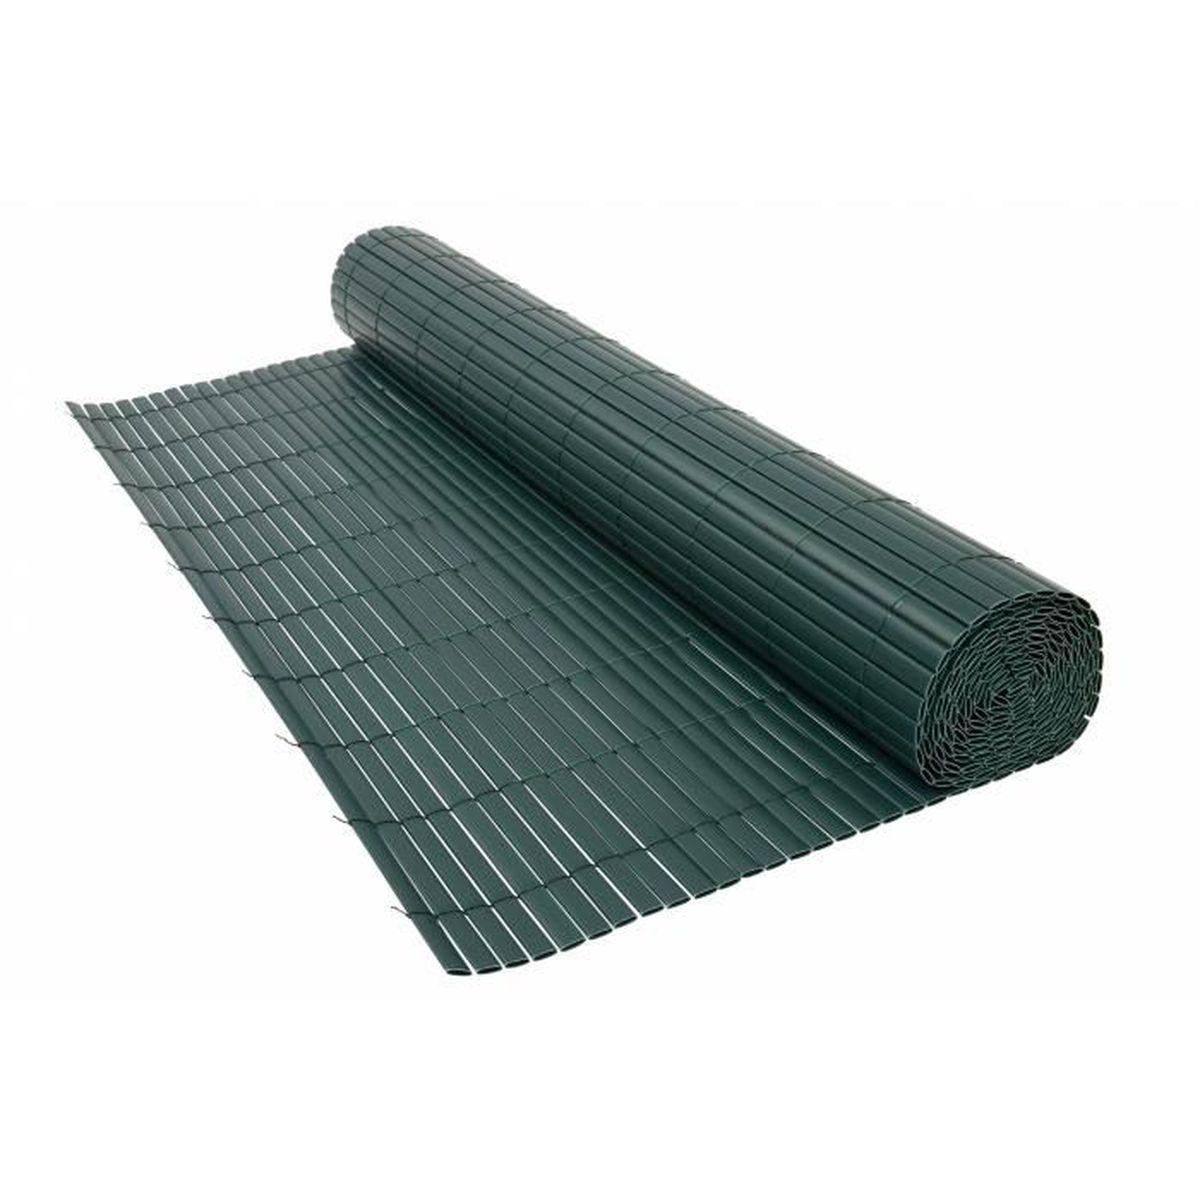 CLÔTURE - GRILLAGE Canisse PVC double 1600 g/m² vert Vert 1 x 3 mètre